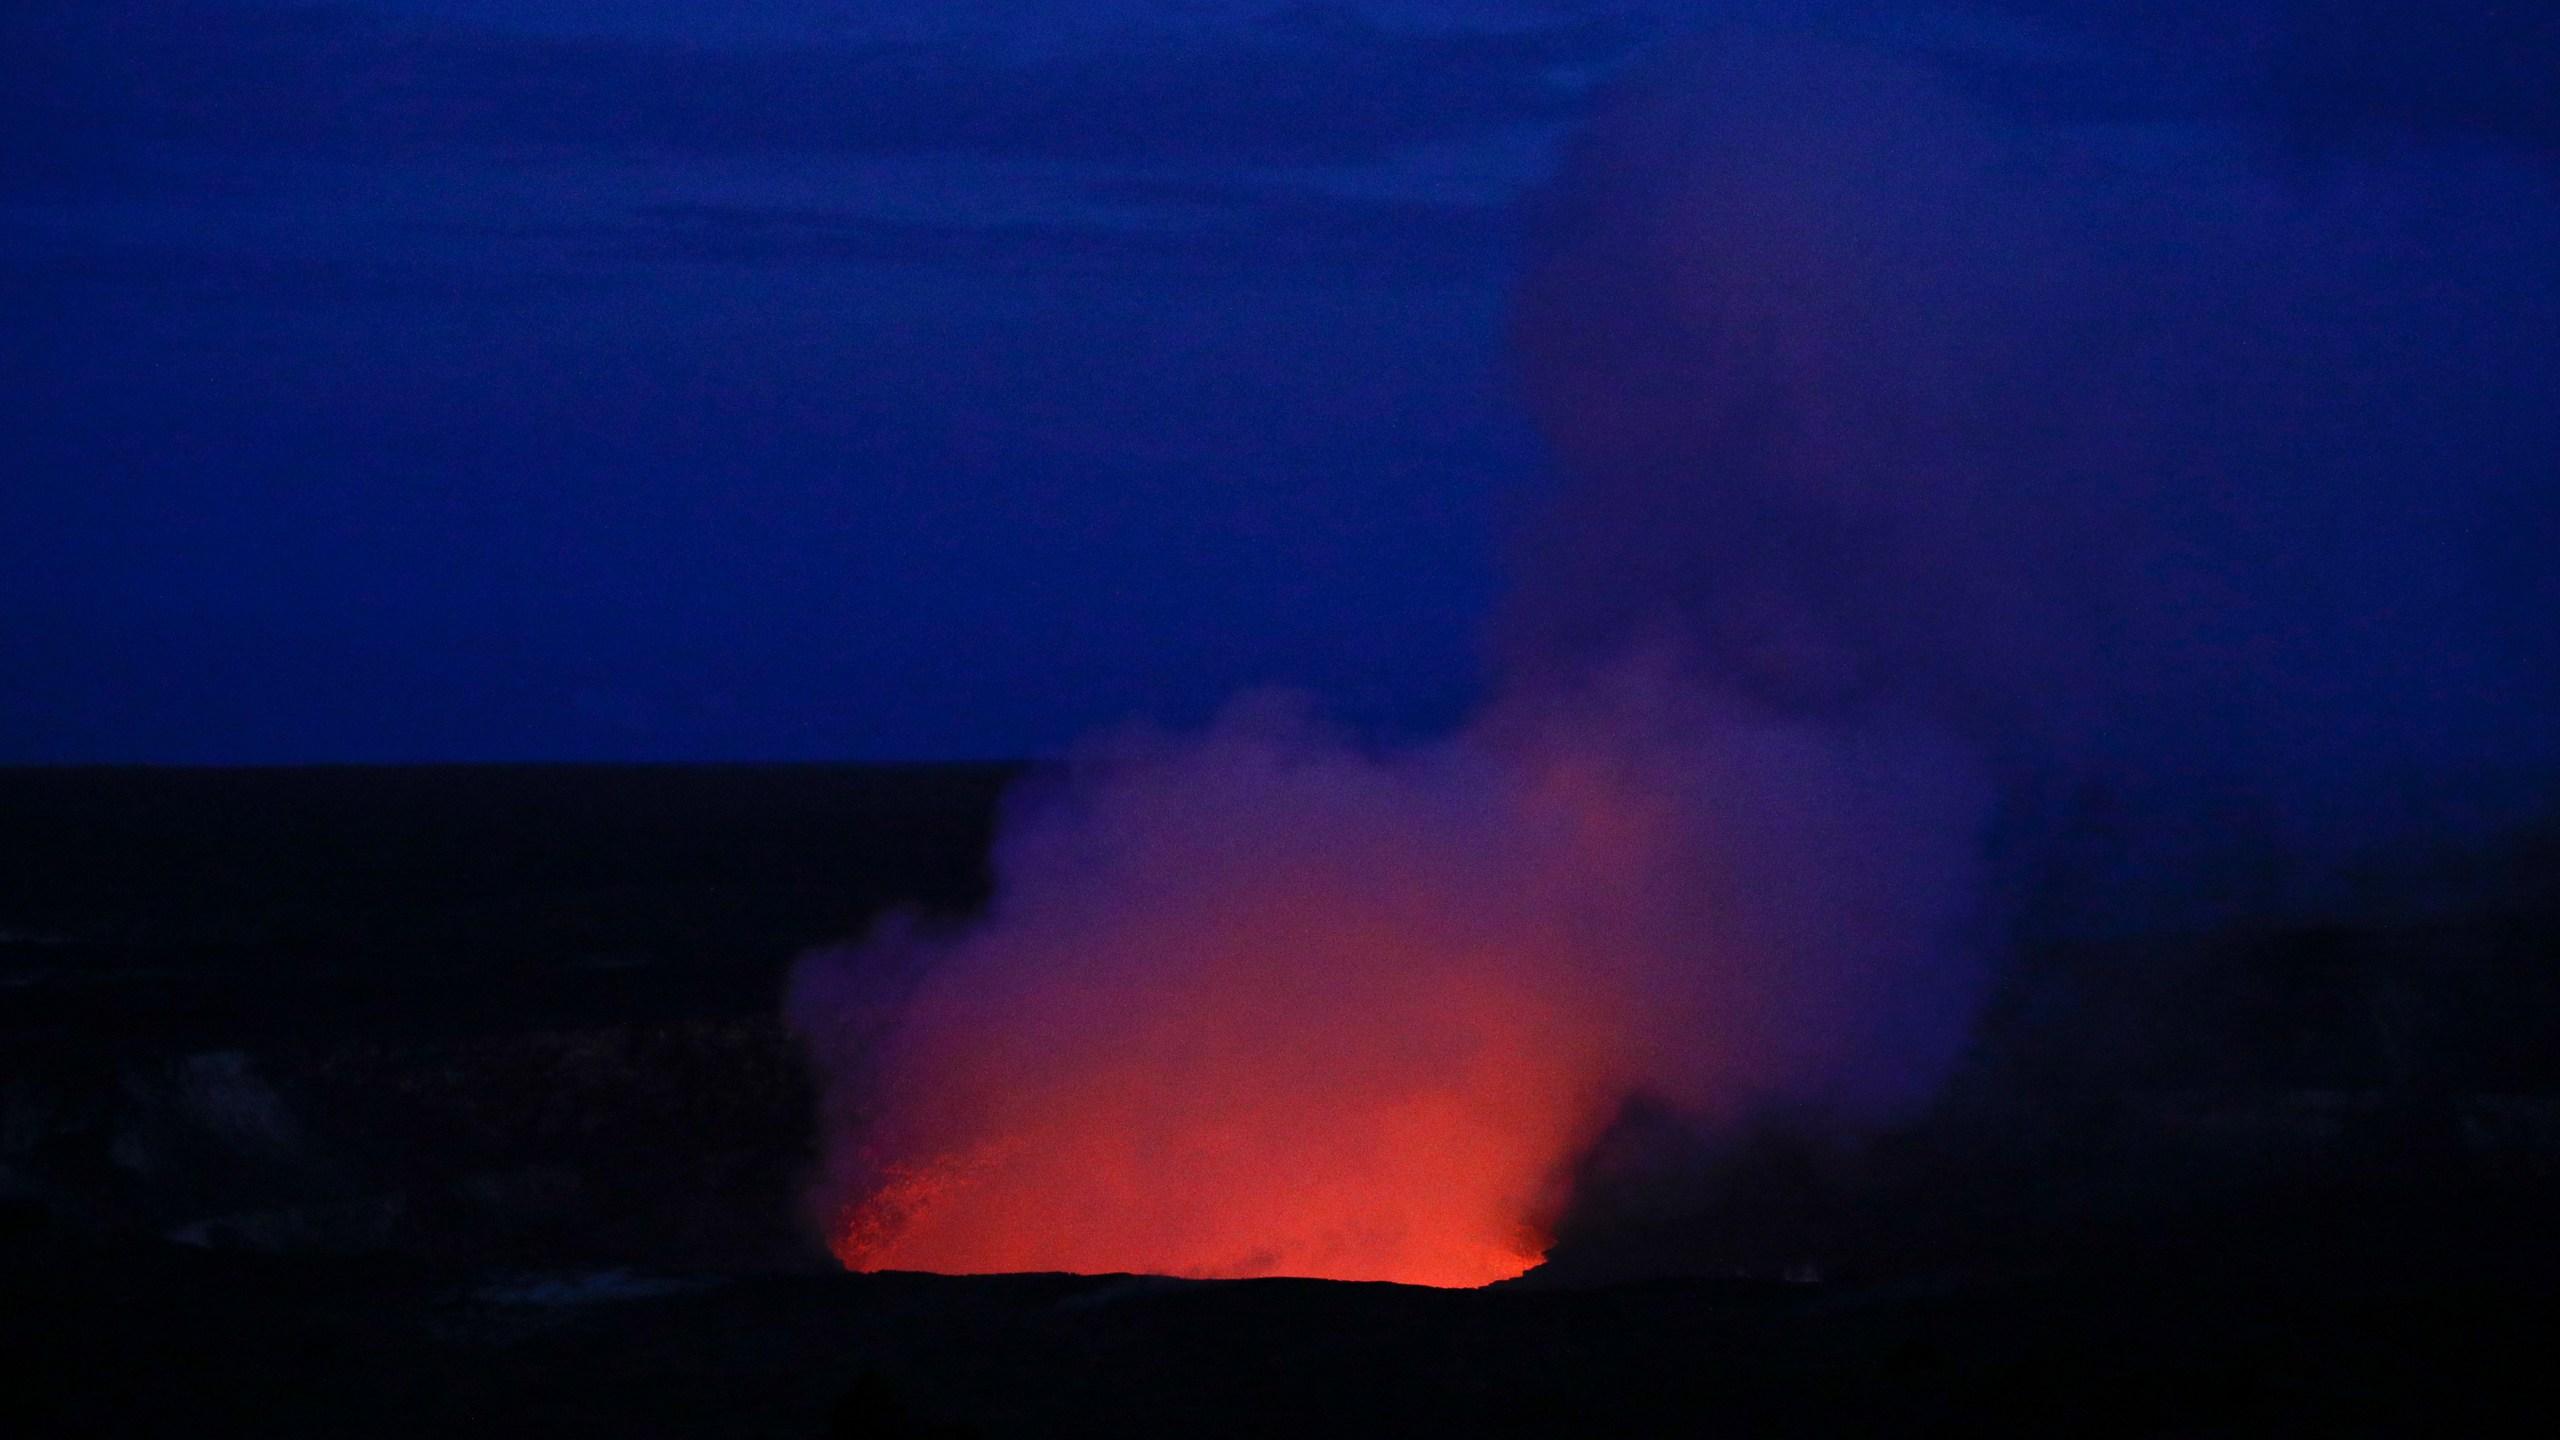 Hawaii_Volcano_03408-159532.jpg98238009